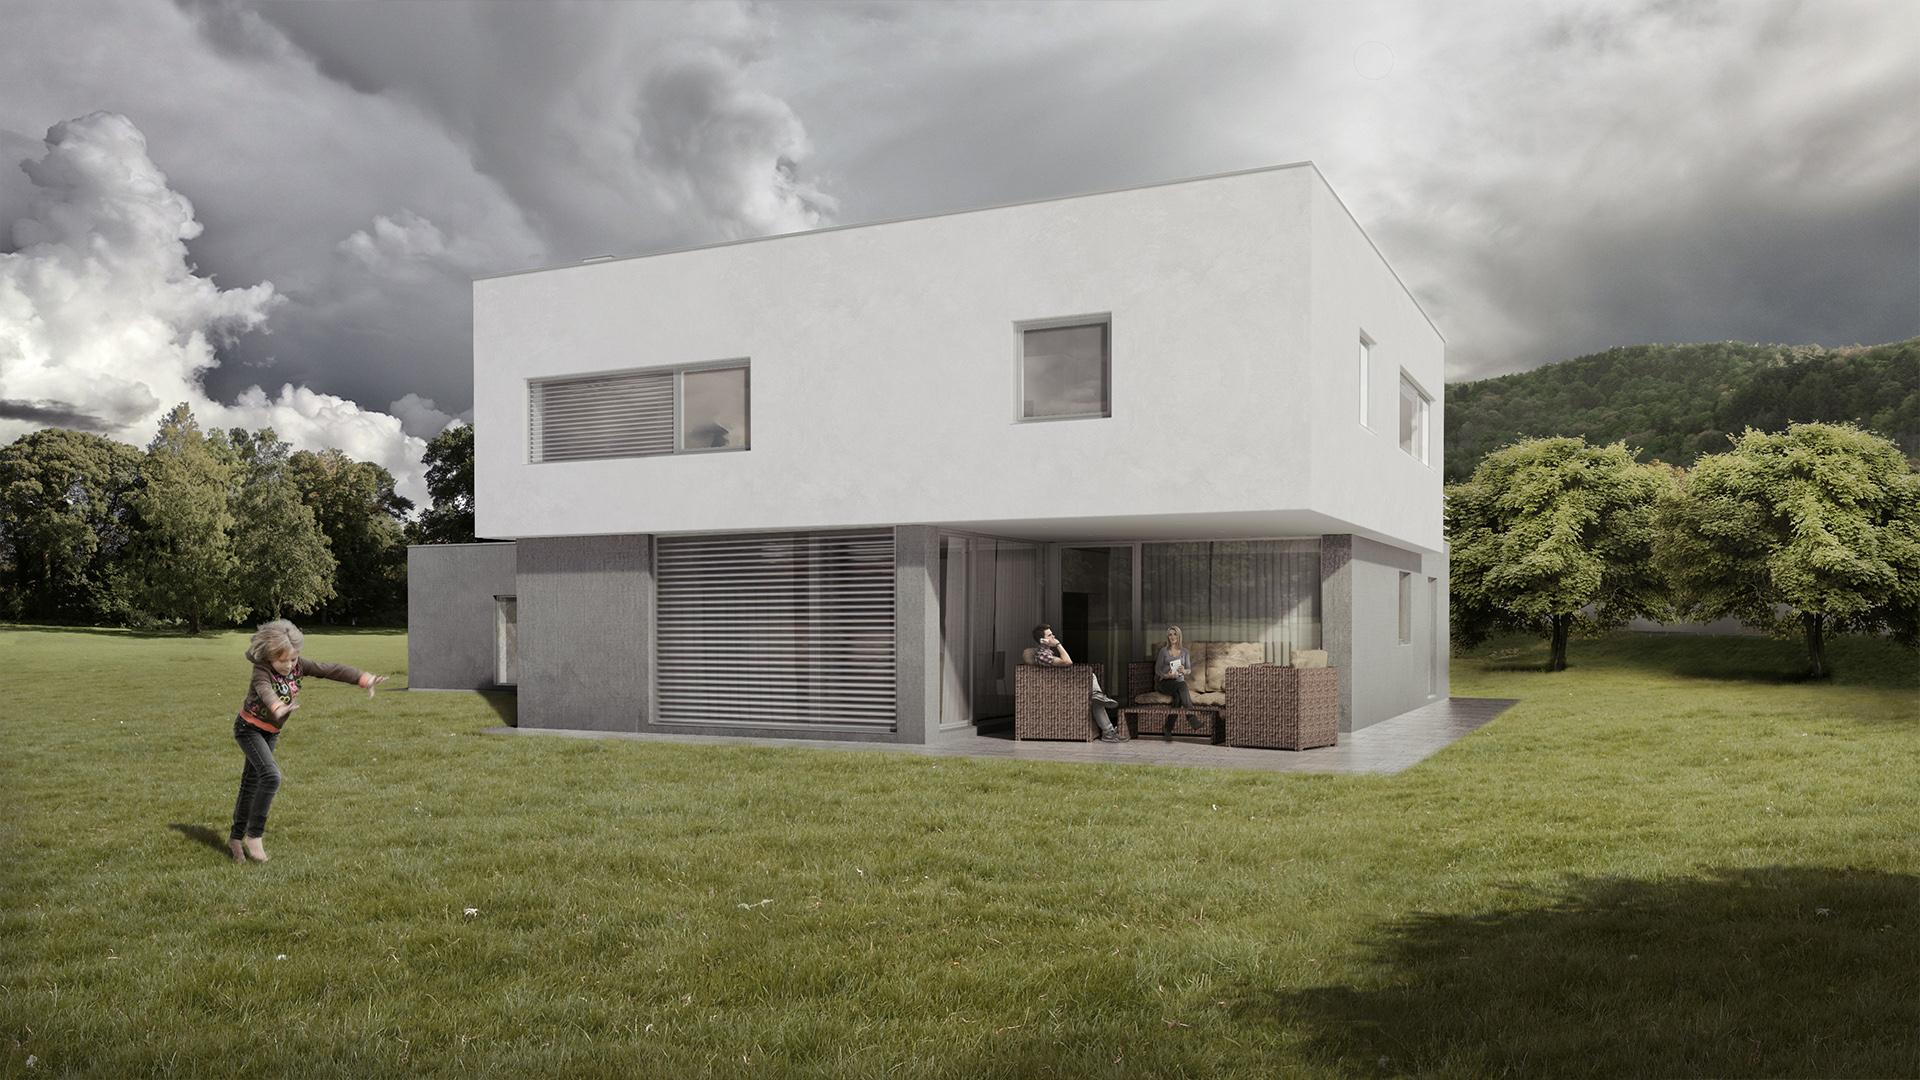 Vila v údolí o velikosti 6 + 1 + dvougaráž a pracovna má zastavěnou plochu 227 m2, patro má 128 m2 a horní terasa má 35 m2. Otevření domu do prostorné zahrady skýtá dostatek soukromí. Situování